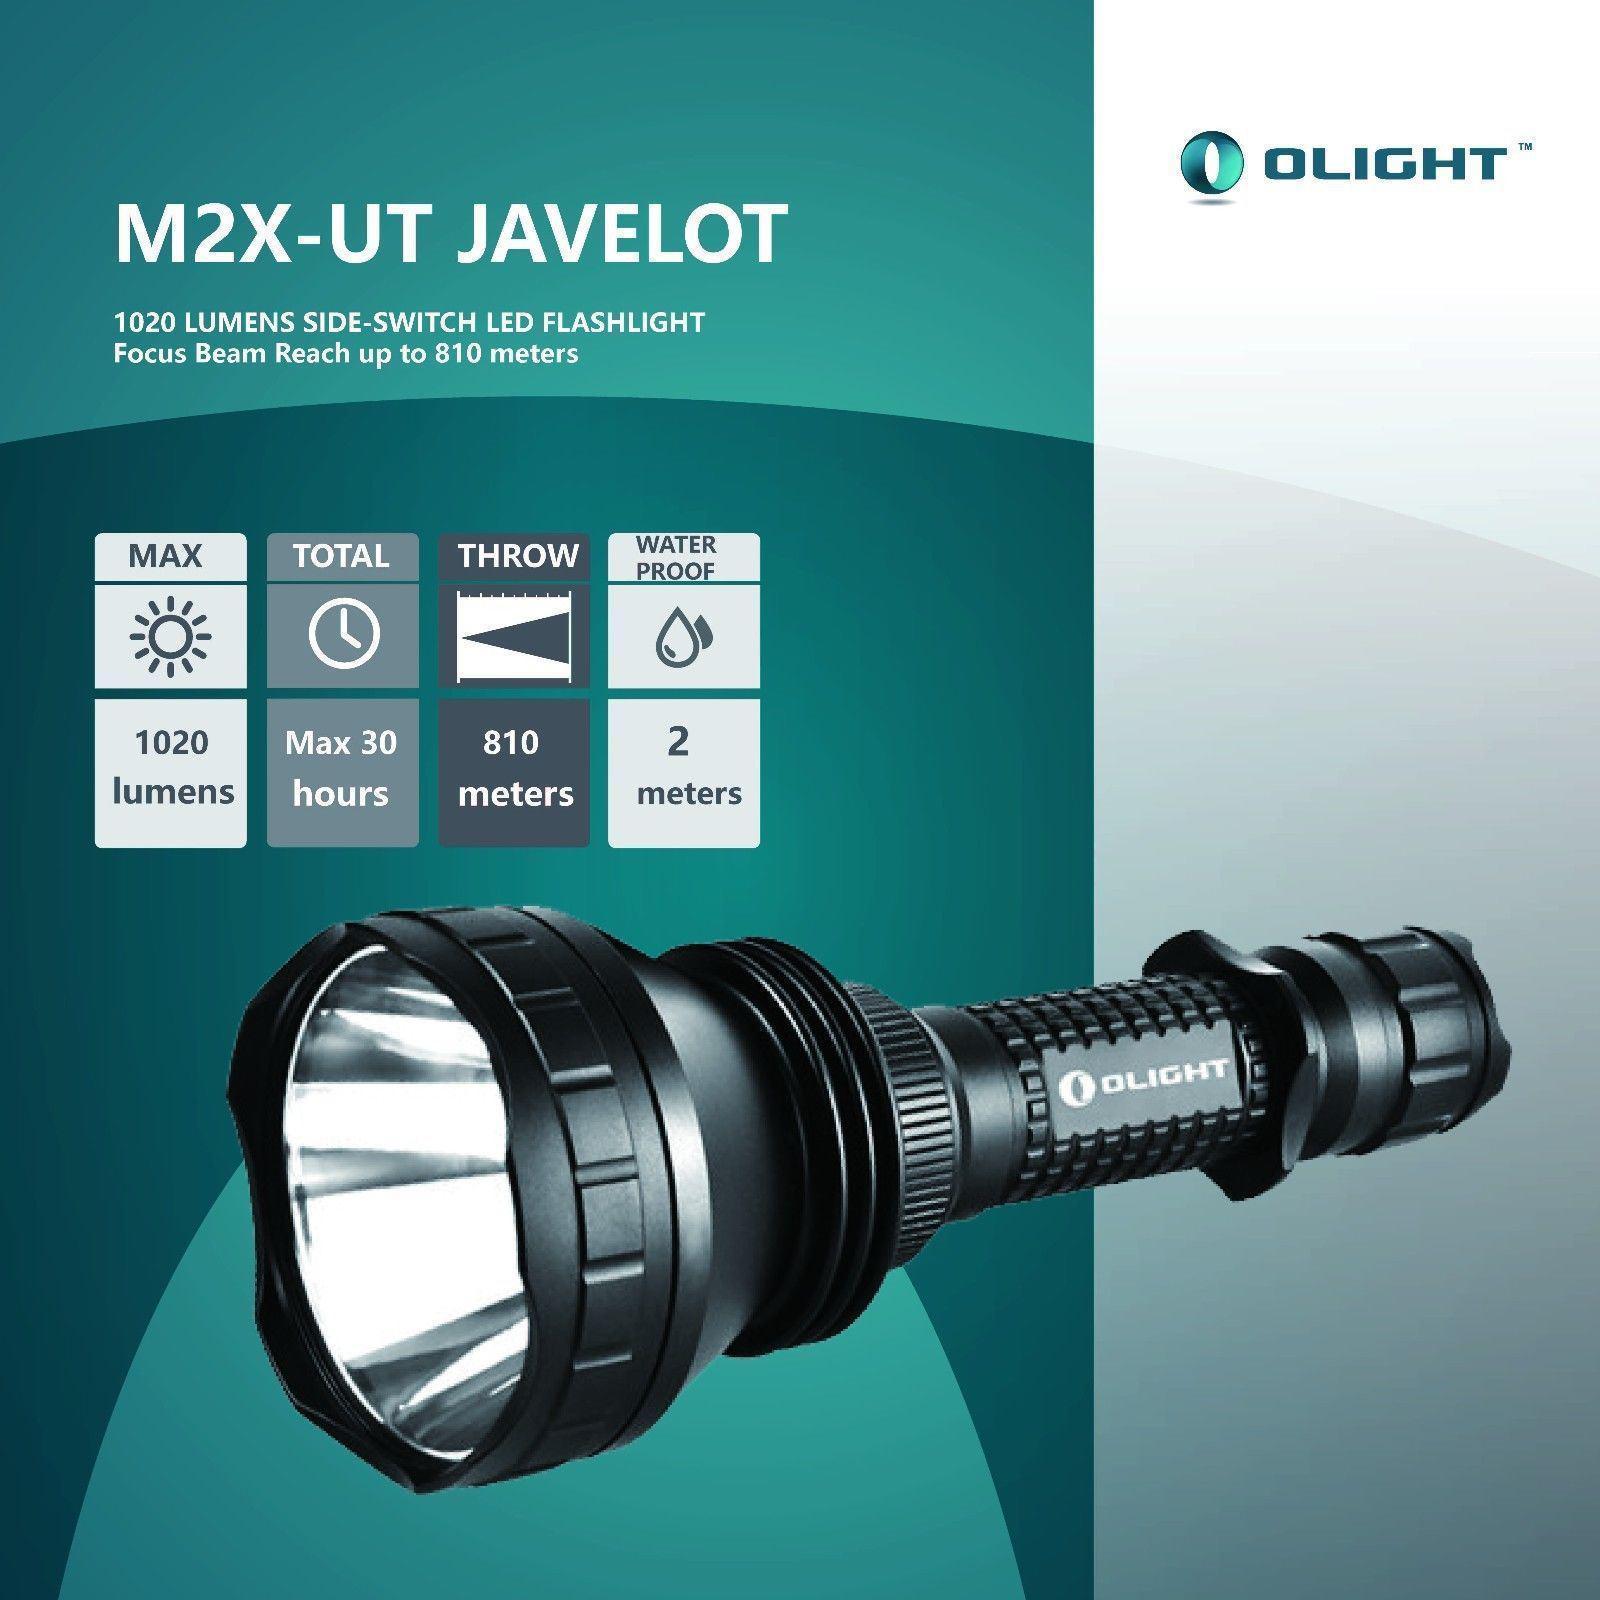 NEW OLIGHT M2X-UT Javelot 1020 Lumens Portable /& extended-range LED flashlight